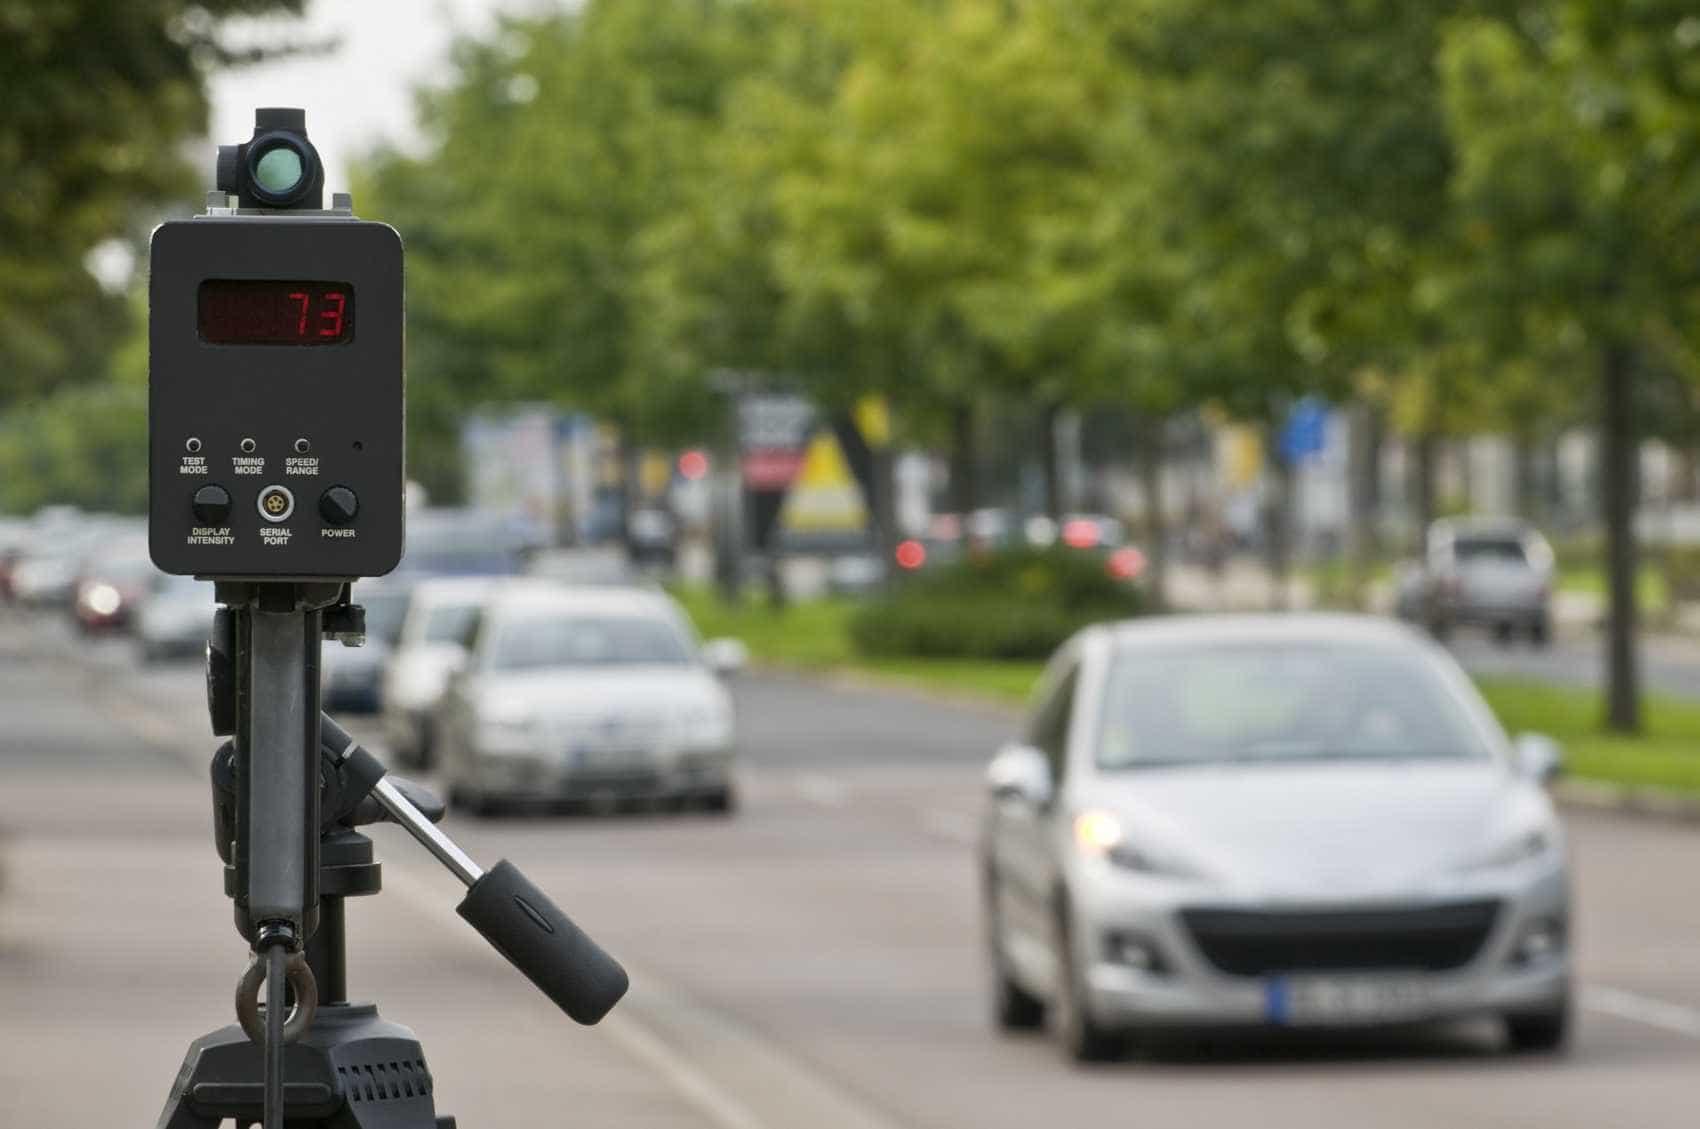 Radar apanhou 58 mil carros em excesso de velocidade em duas semanas